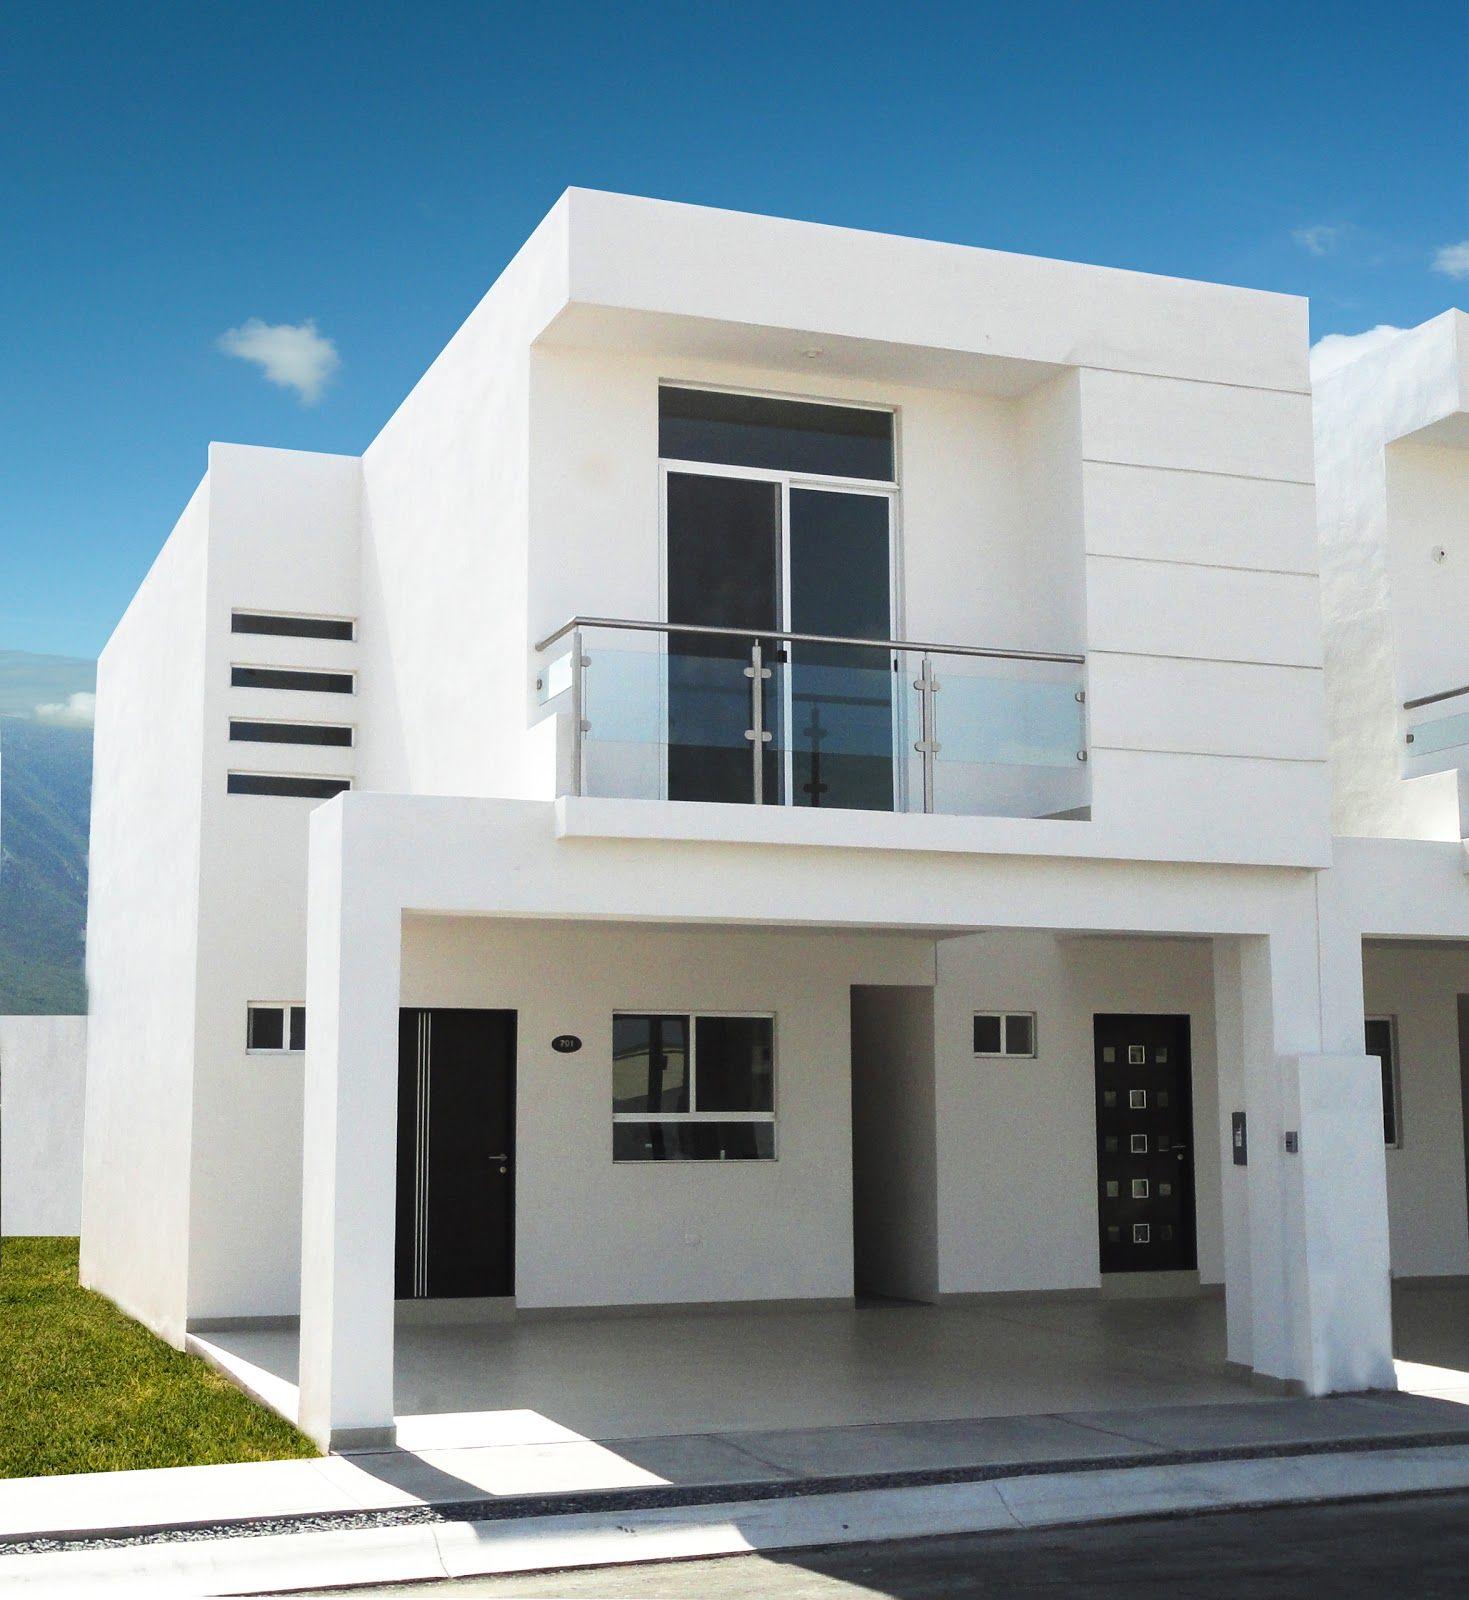 Casas en venta fotos e im genes de casas muestra for Modelos de casas minimalistas de dos plantas